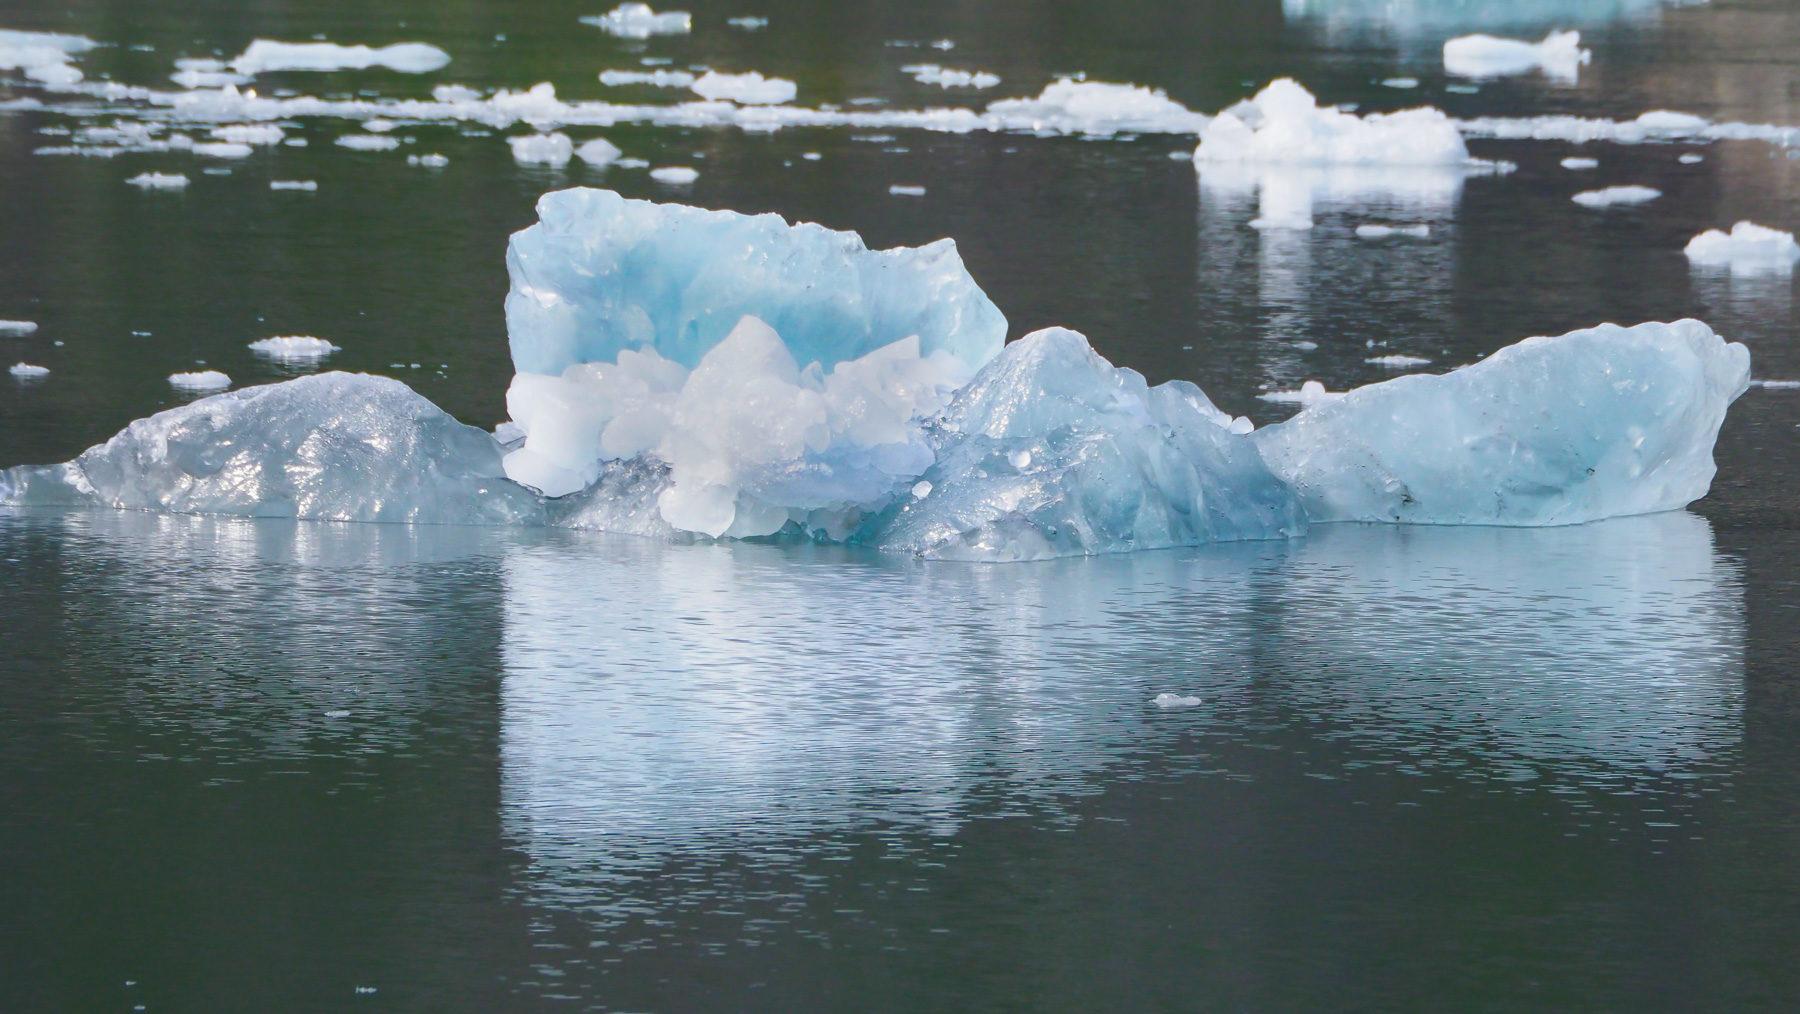 überall schwimmen kleine Eisschollen